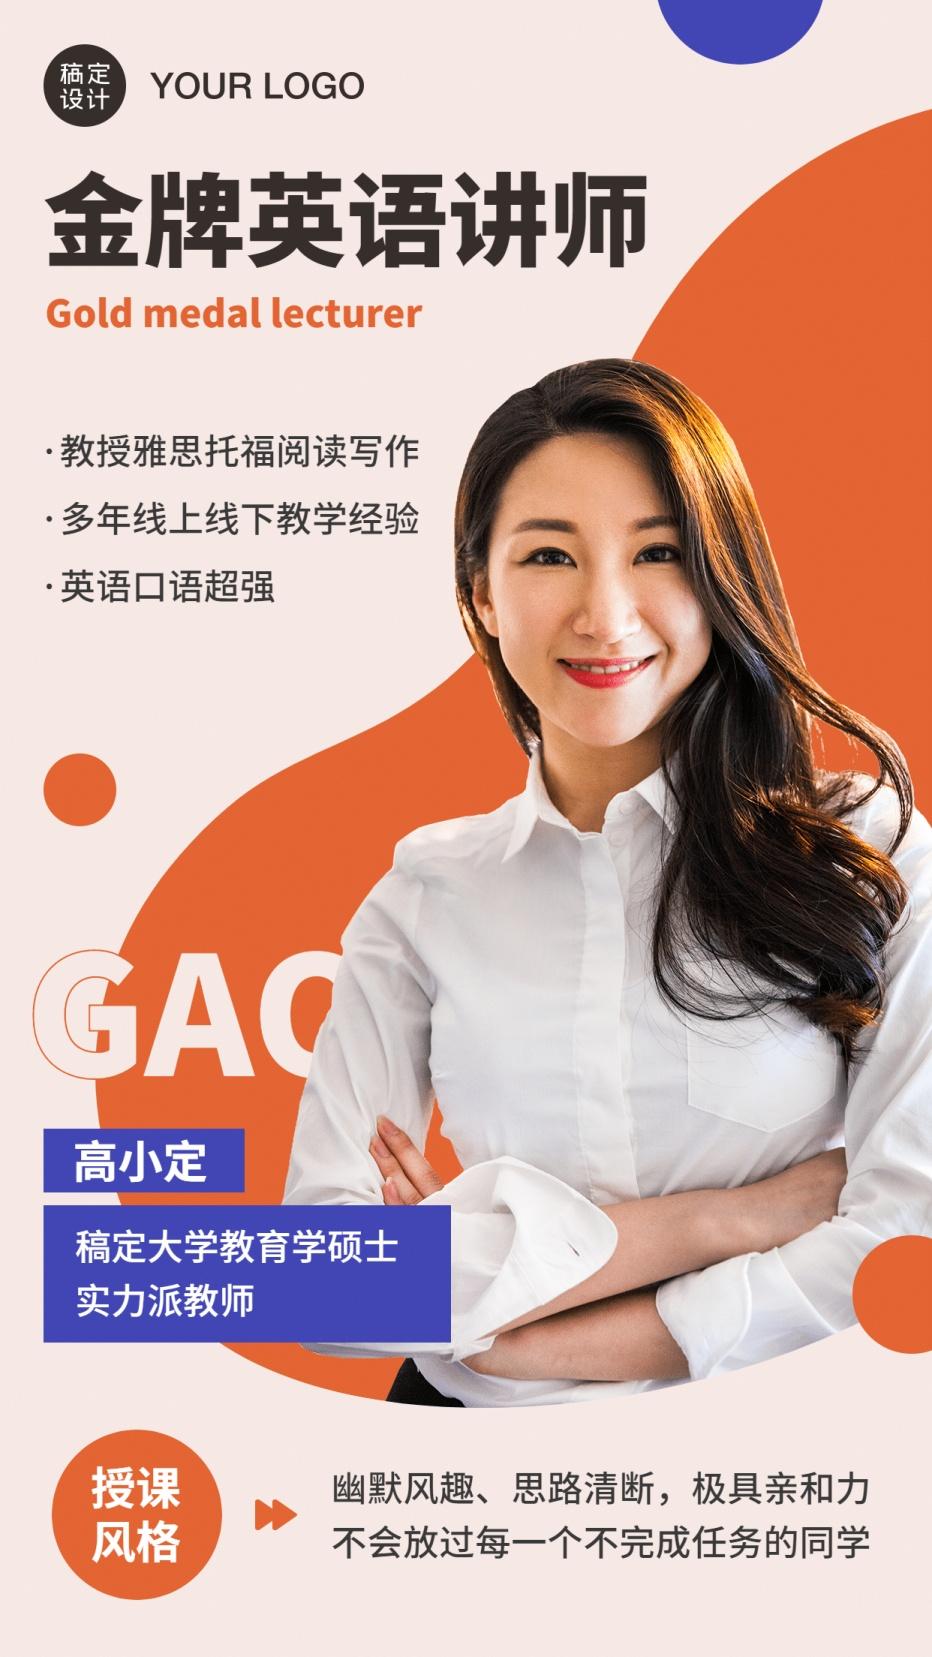 金牌英语讲师介绍宣传手机海报